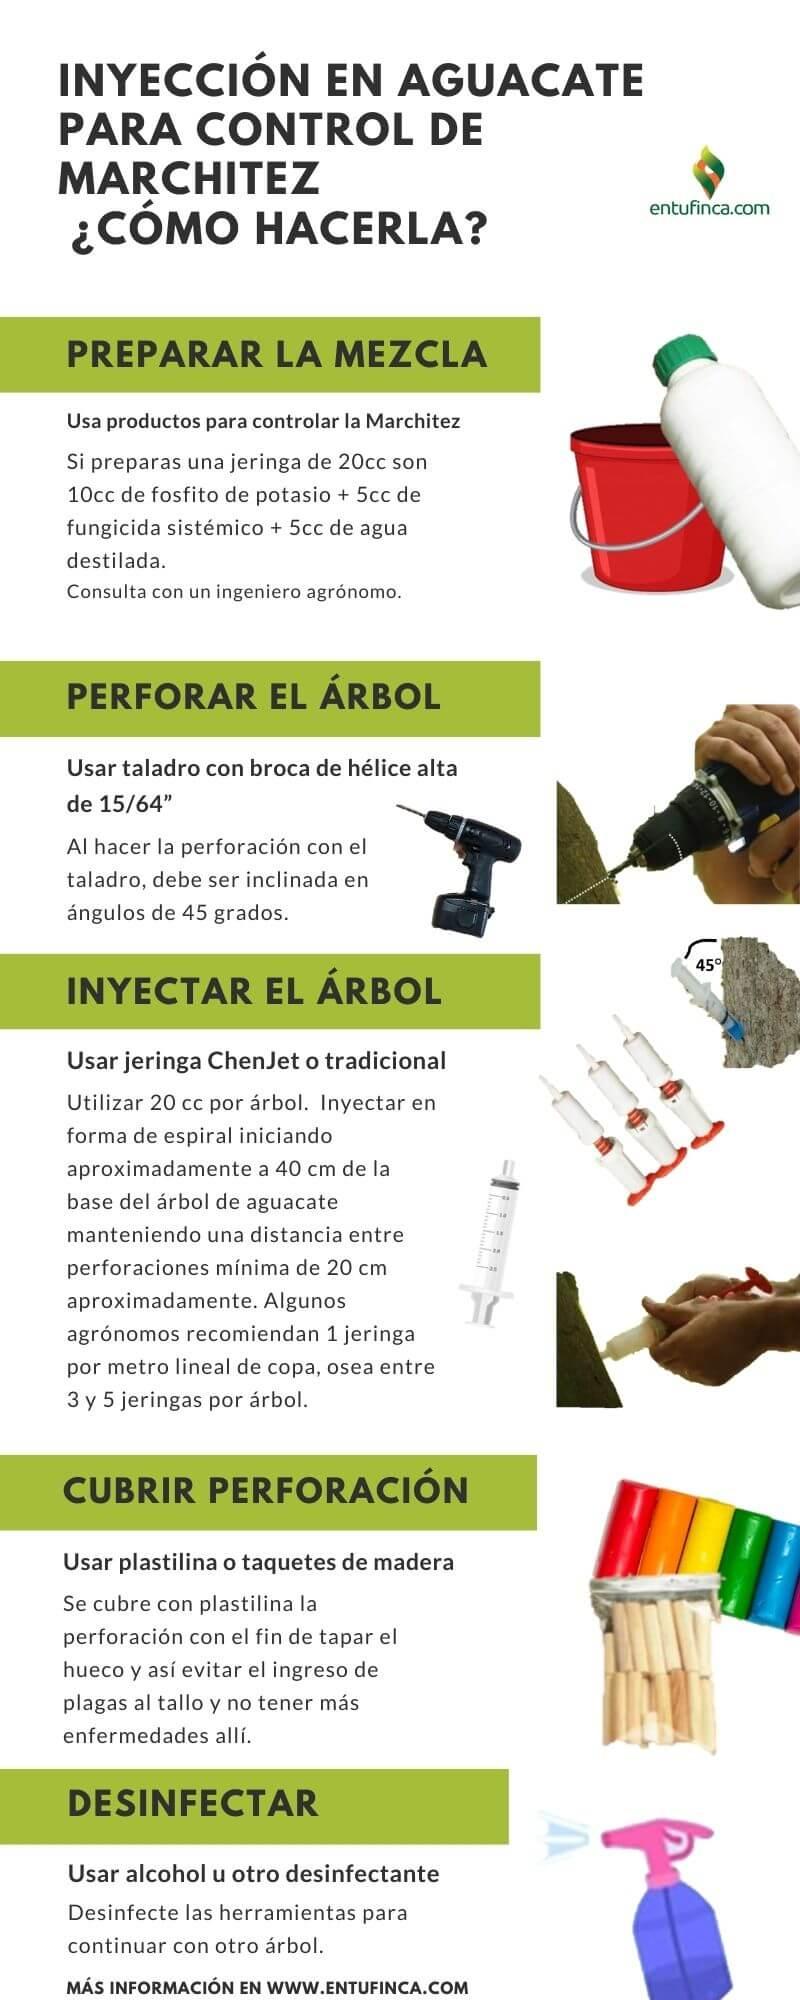 Infografía Inyección de aguacate